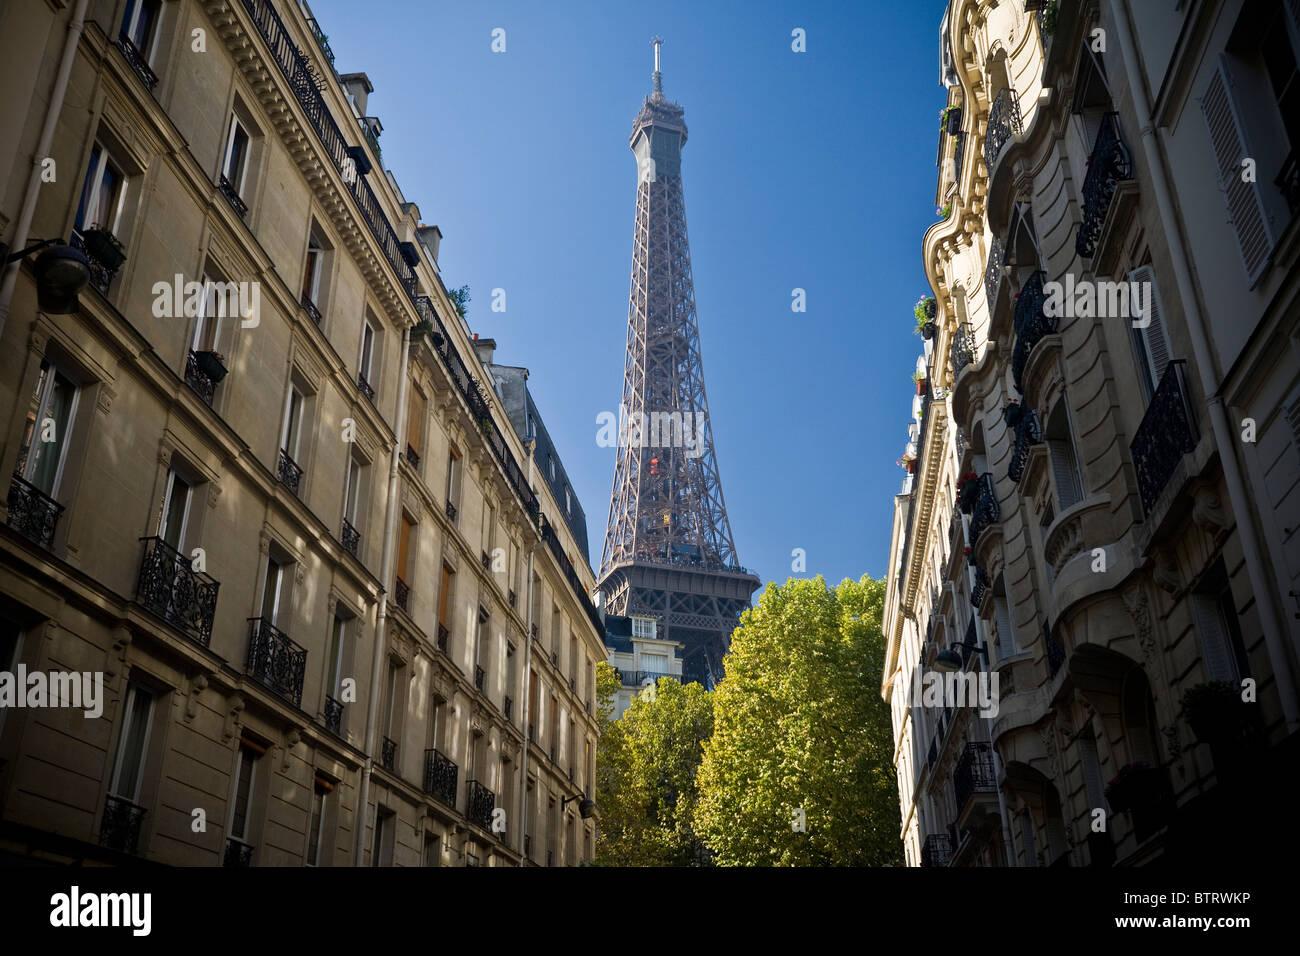 La Tour Eiffel, vue depuis la rue Montessuy à Haussmann (Paris - France). Banque D'Images